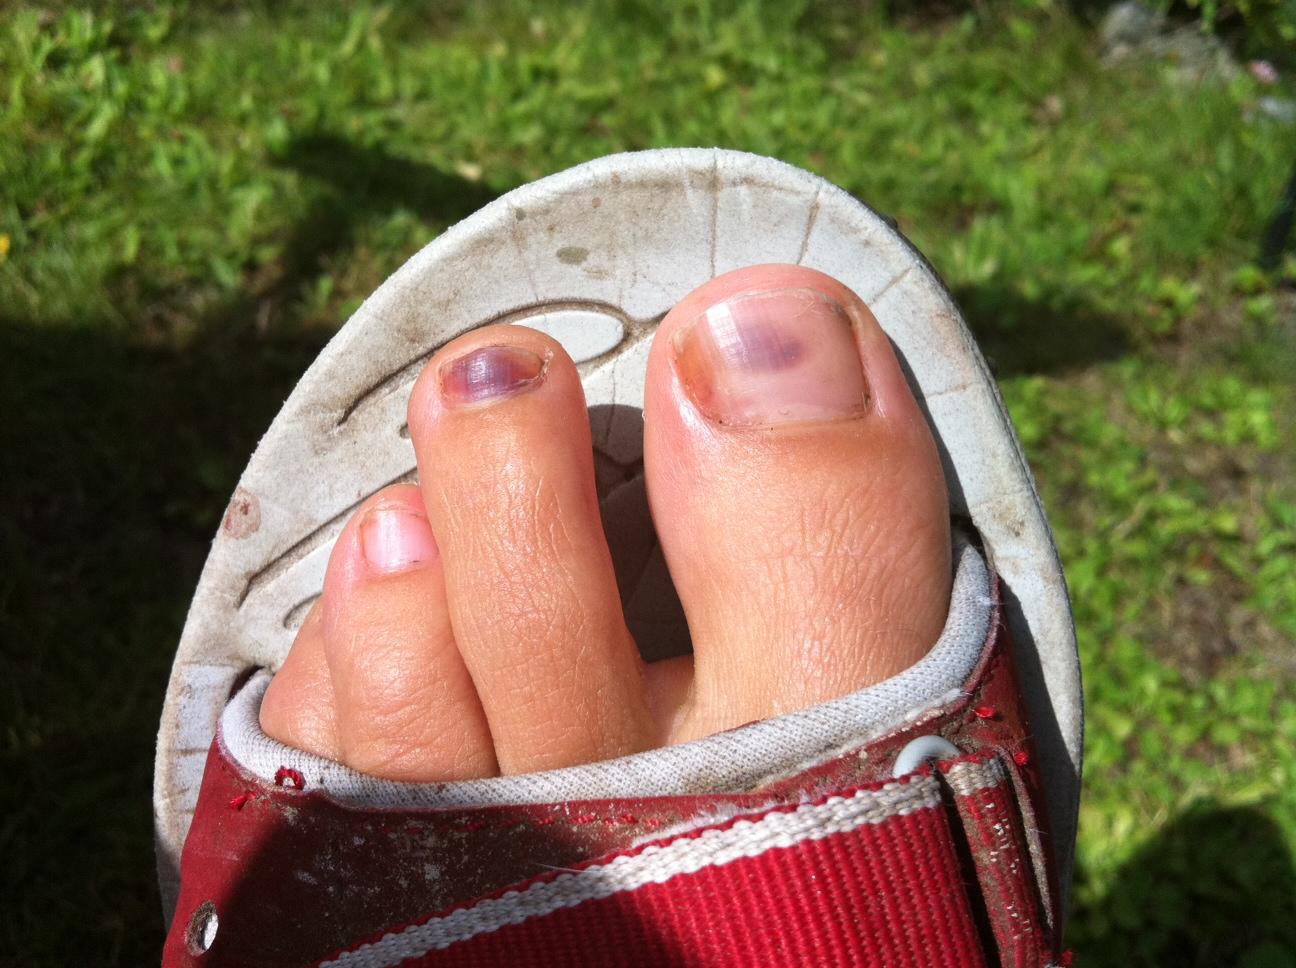 blåmärke under nagel